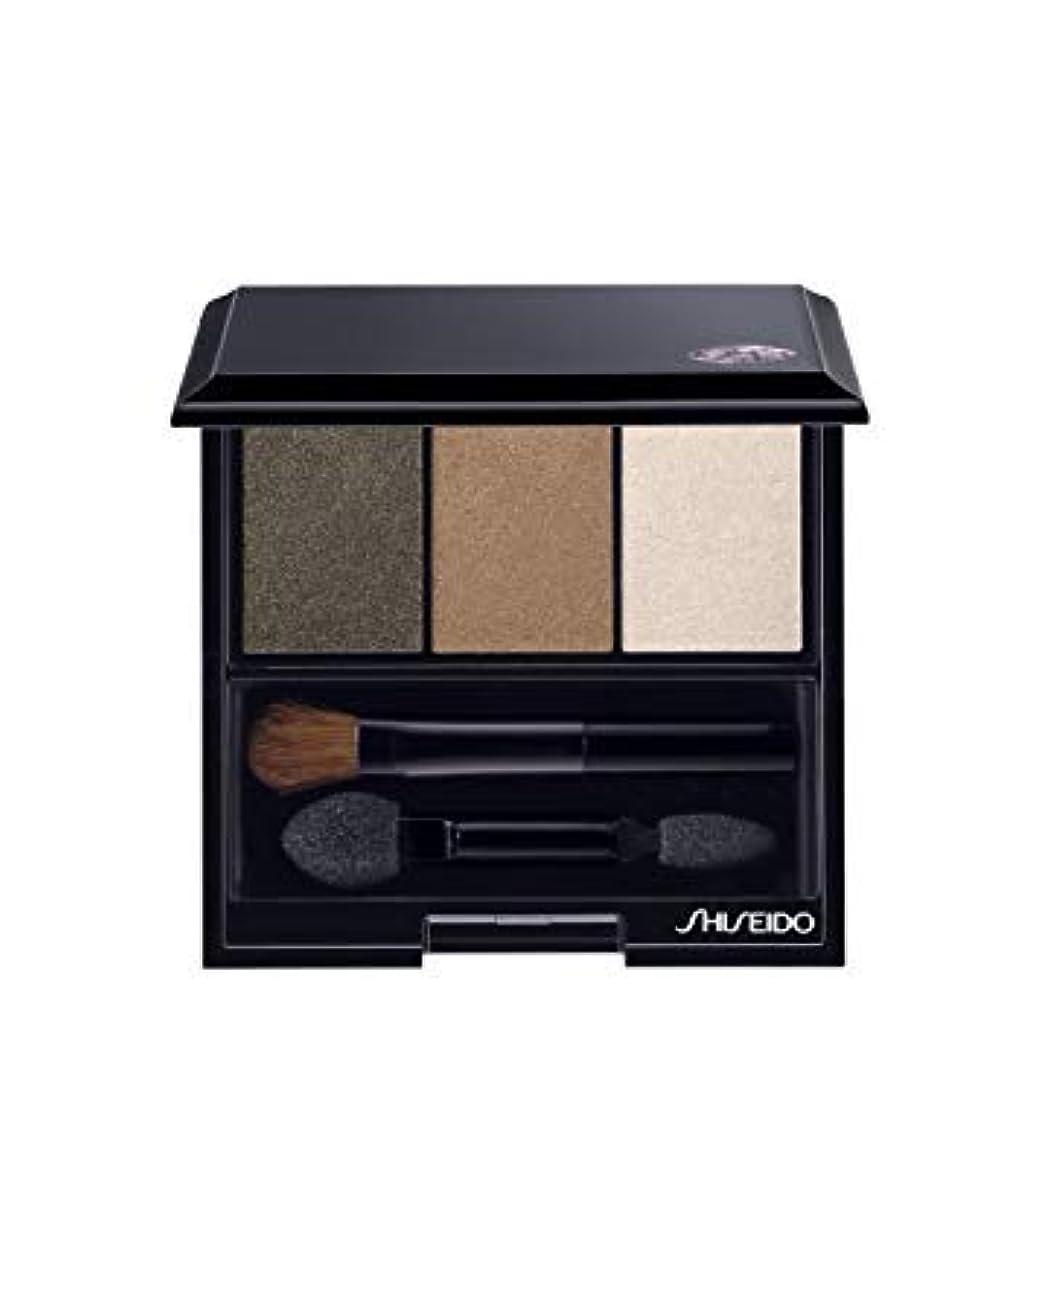 スラム街蓋固執資生堂 ルミナイジング サテン アイカラー トリオ BR307(Shiseido Luminizing Satin Eye Color Trio BR307) [並行輸入品]